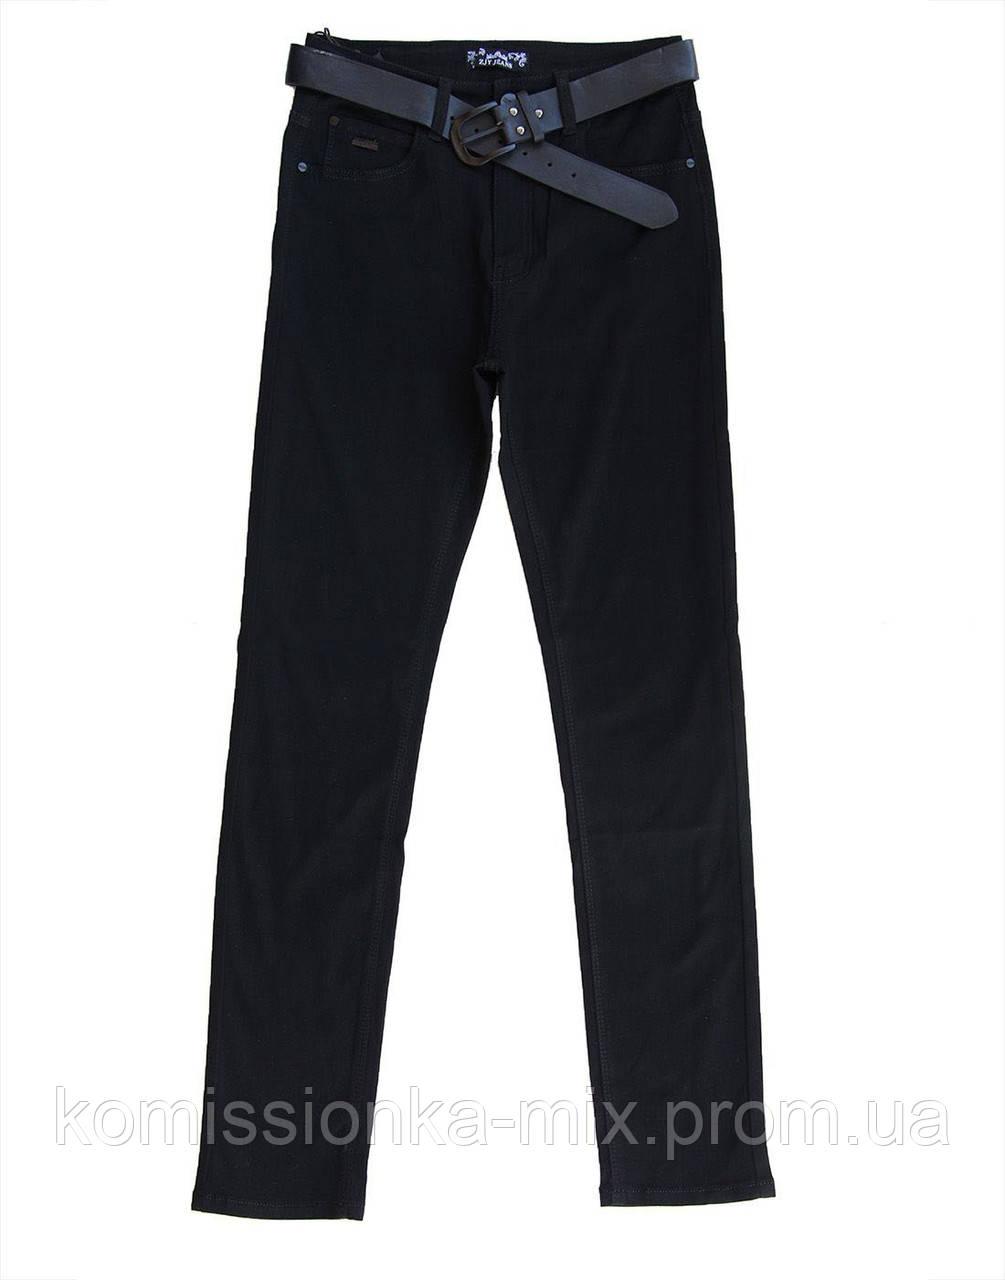 Джинсы ZJY Jeans  р.29;30